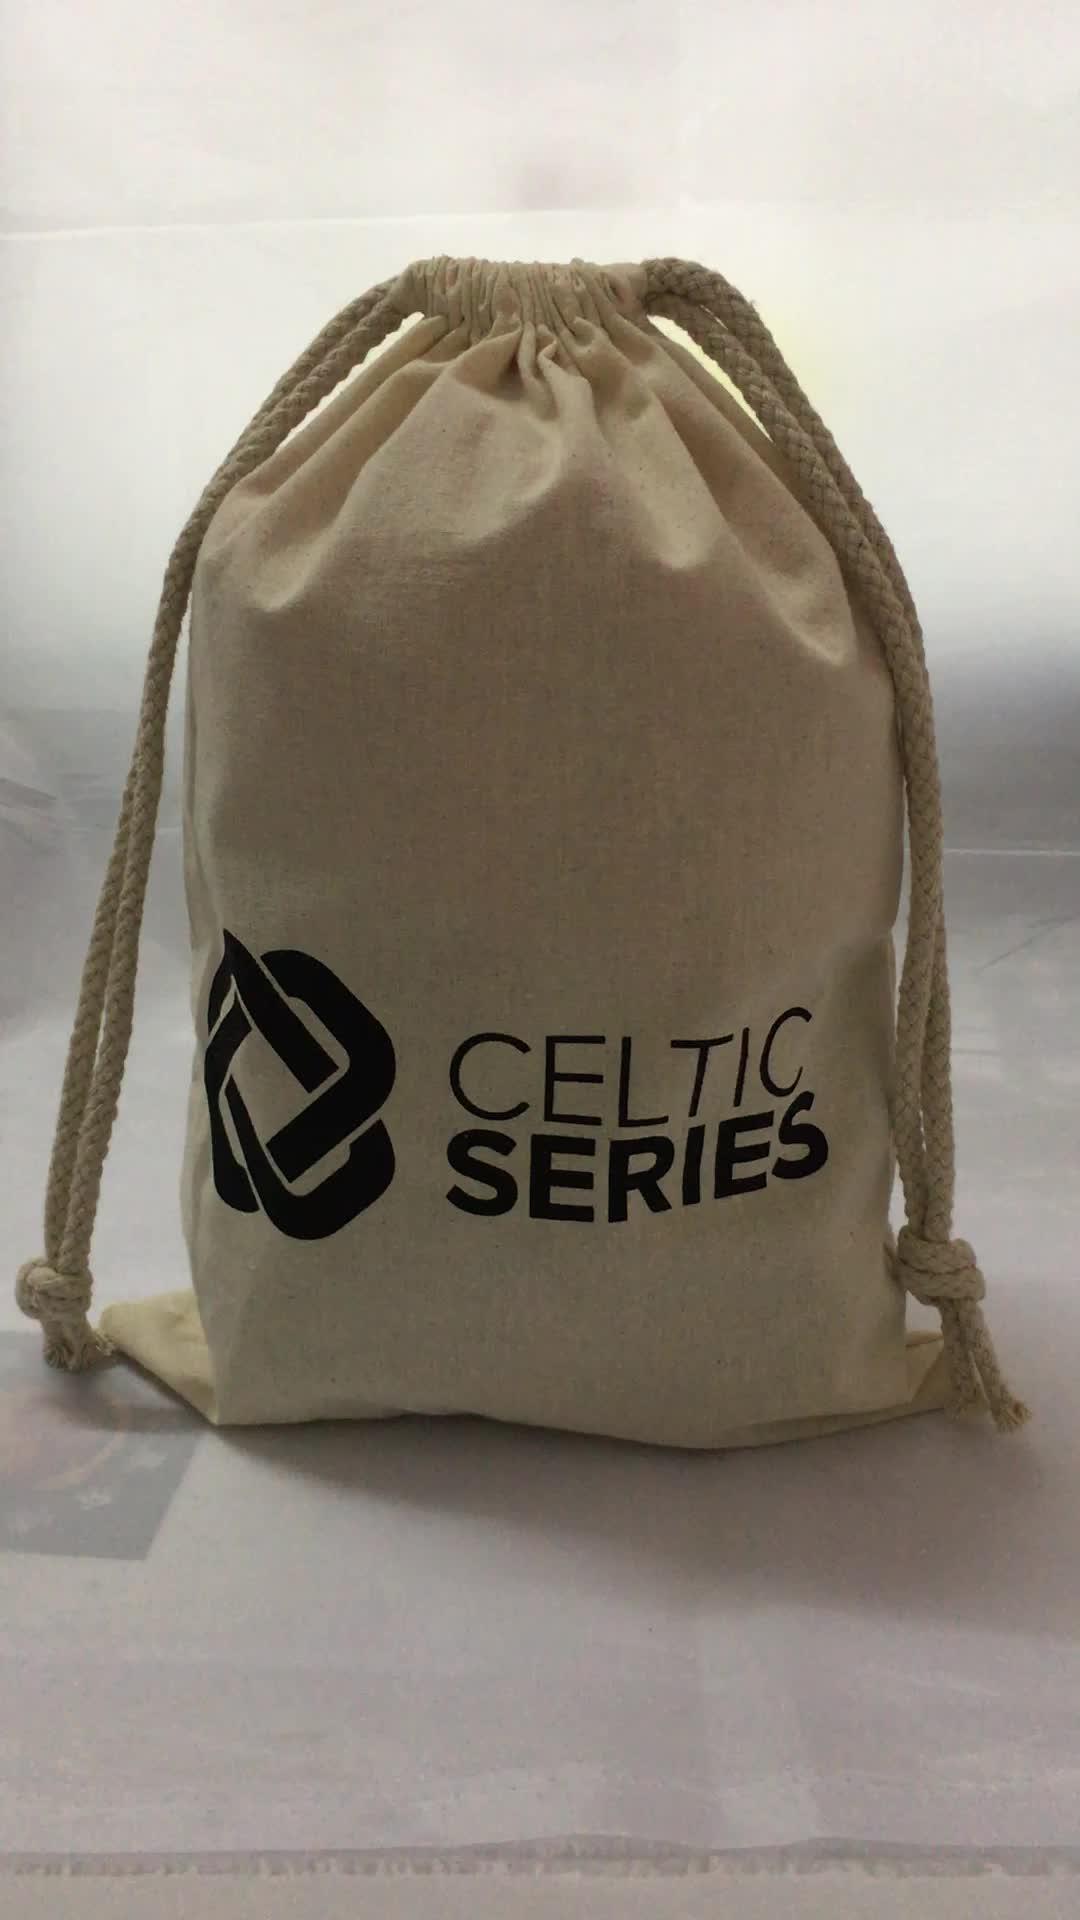 Özelleştirilmiş tasarım ile 100% doğal kılıfı çanta pamuk, pamuk dize çanta, pamuk çantası çanta